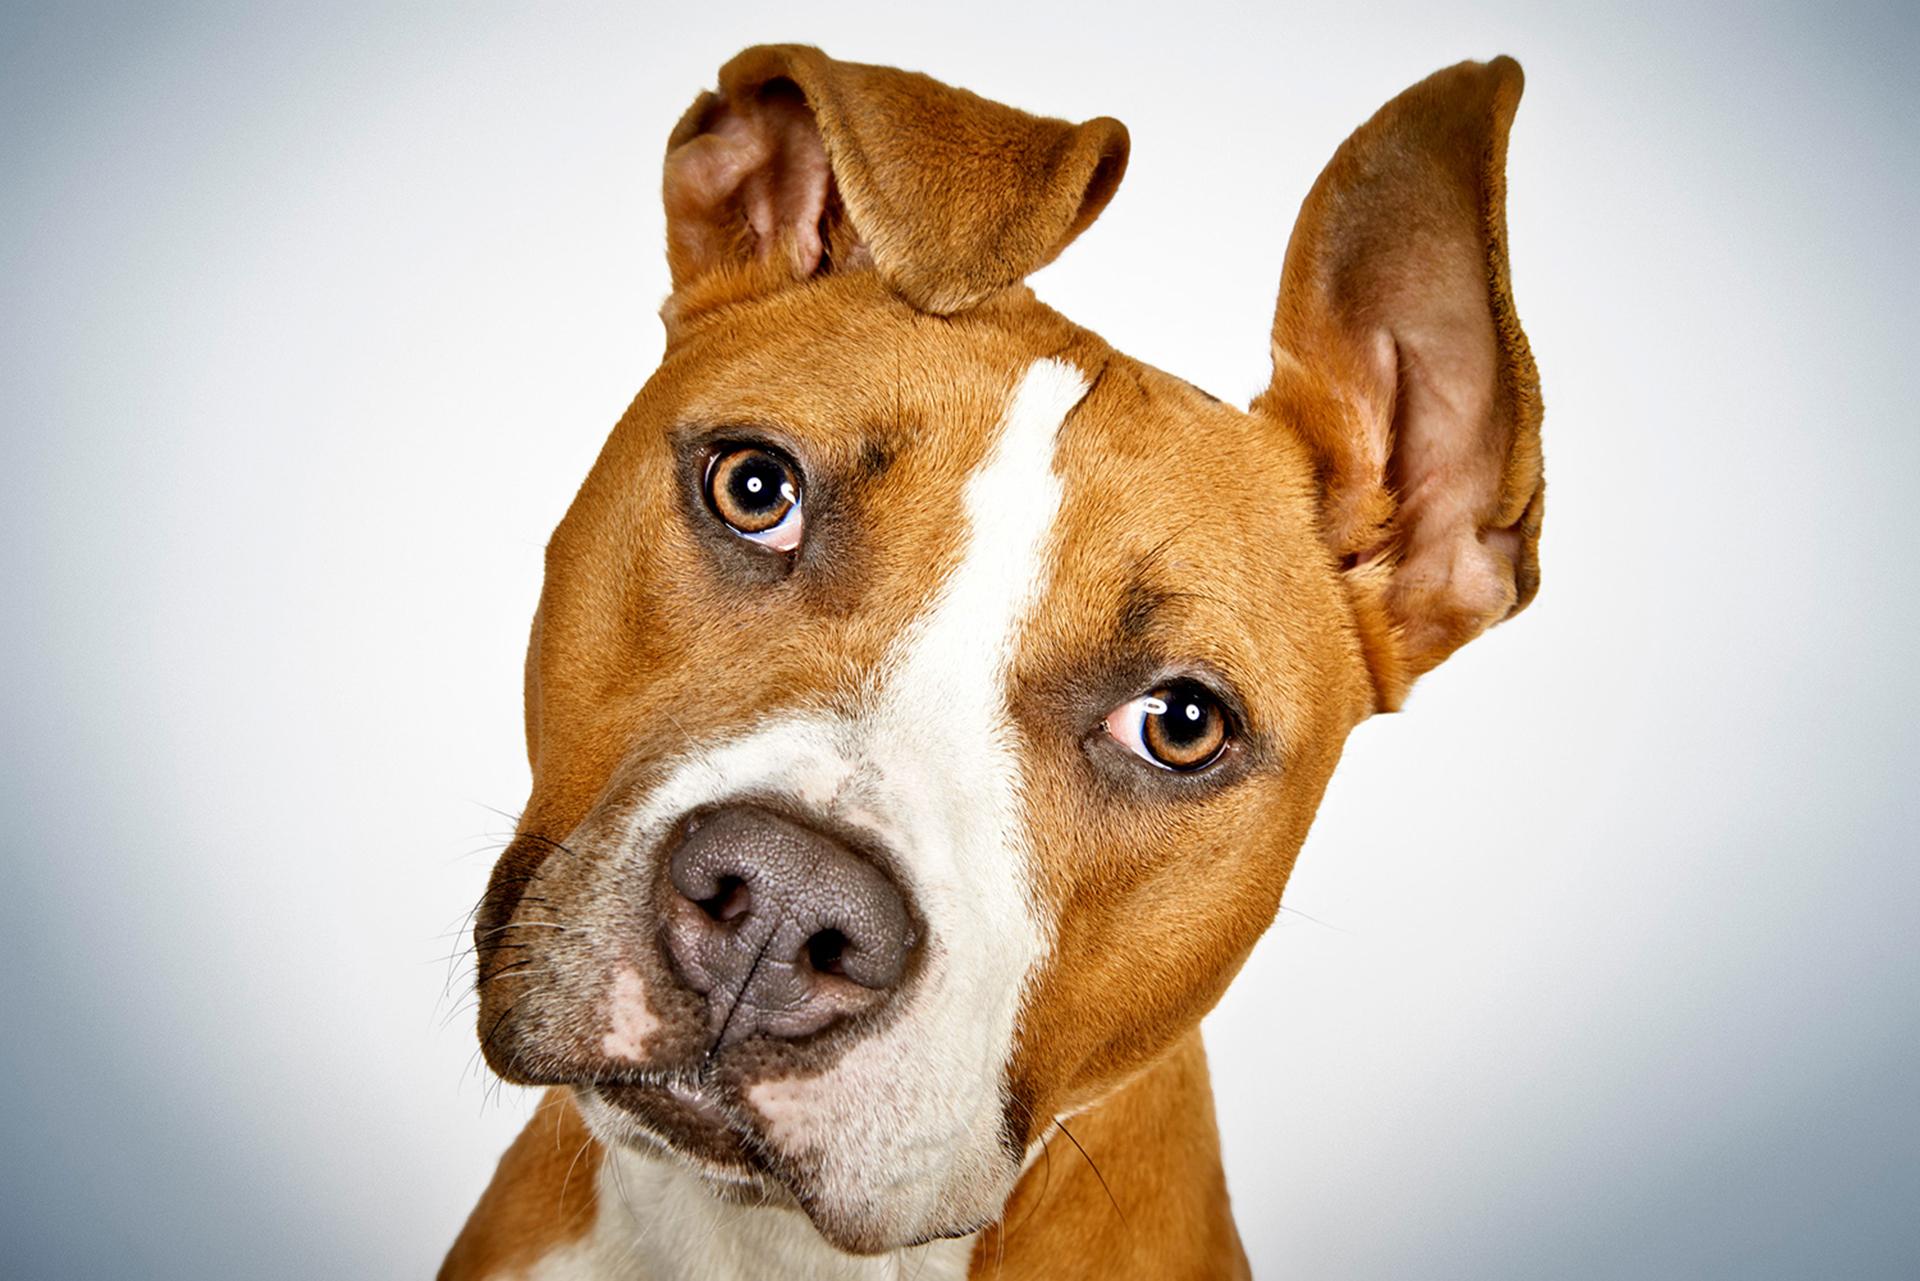 fotografias-perros-rescatados-bromasaparte-4